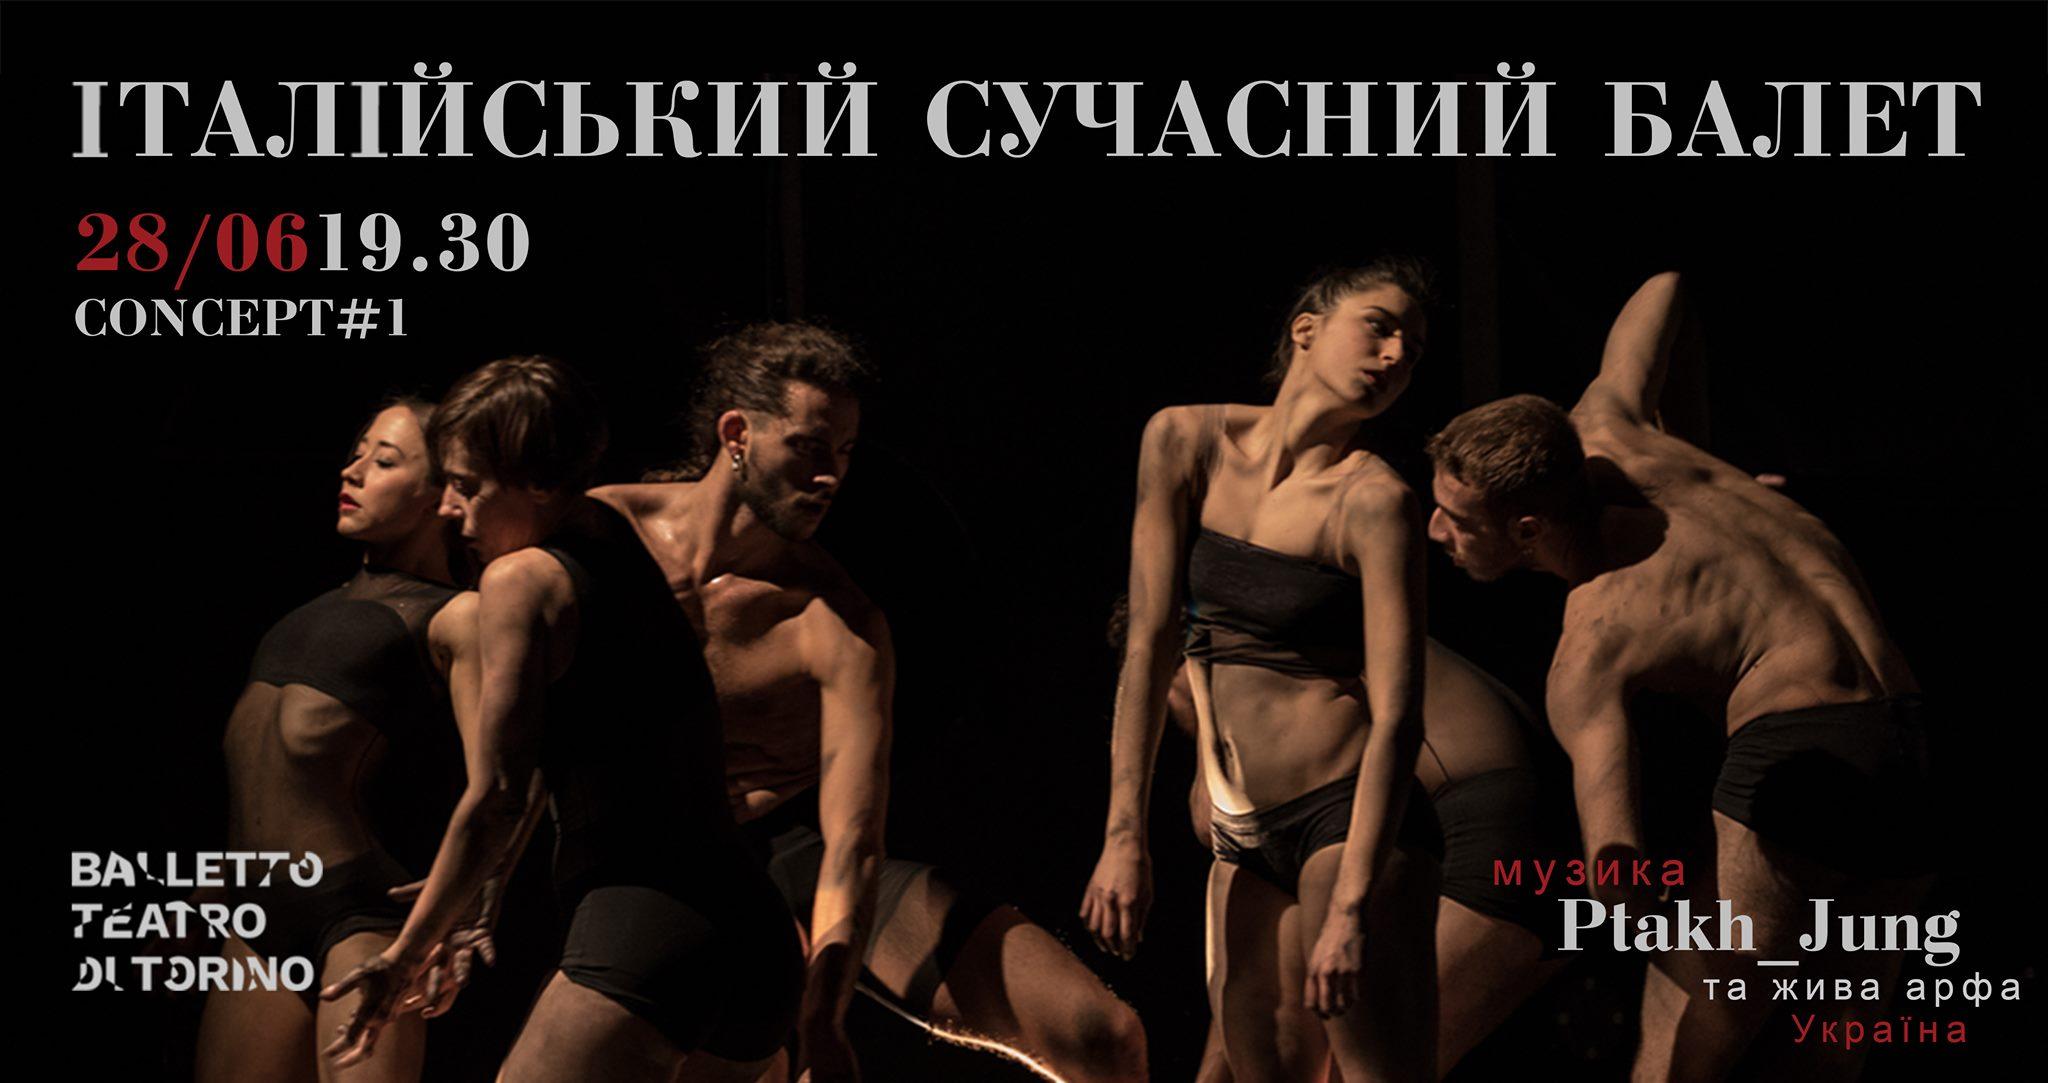 афіша італійський сучасний балет